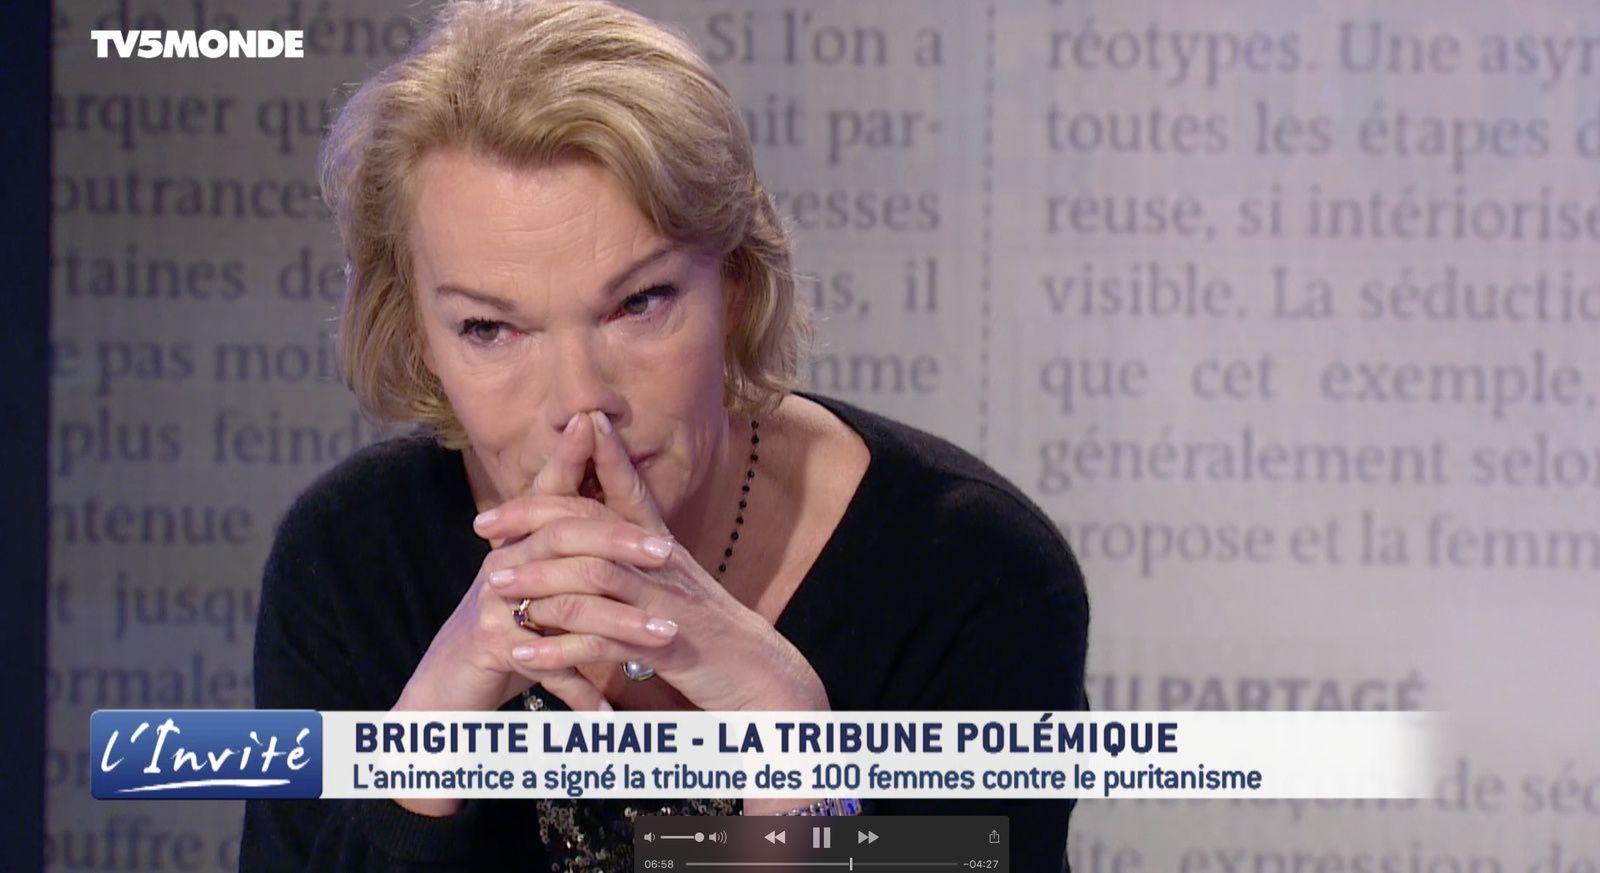 Brigitte Lahaie en pleurs sur le plateau de l'émission L'invité, sur TV5Monde.